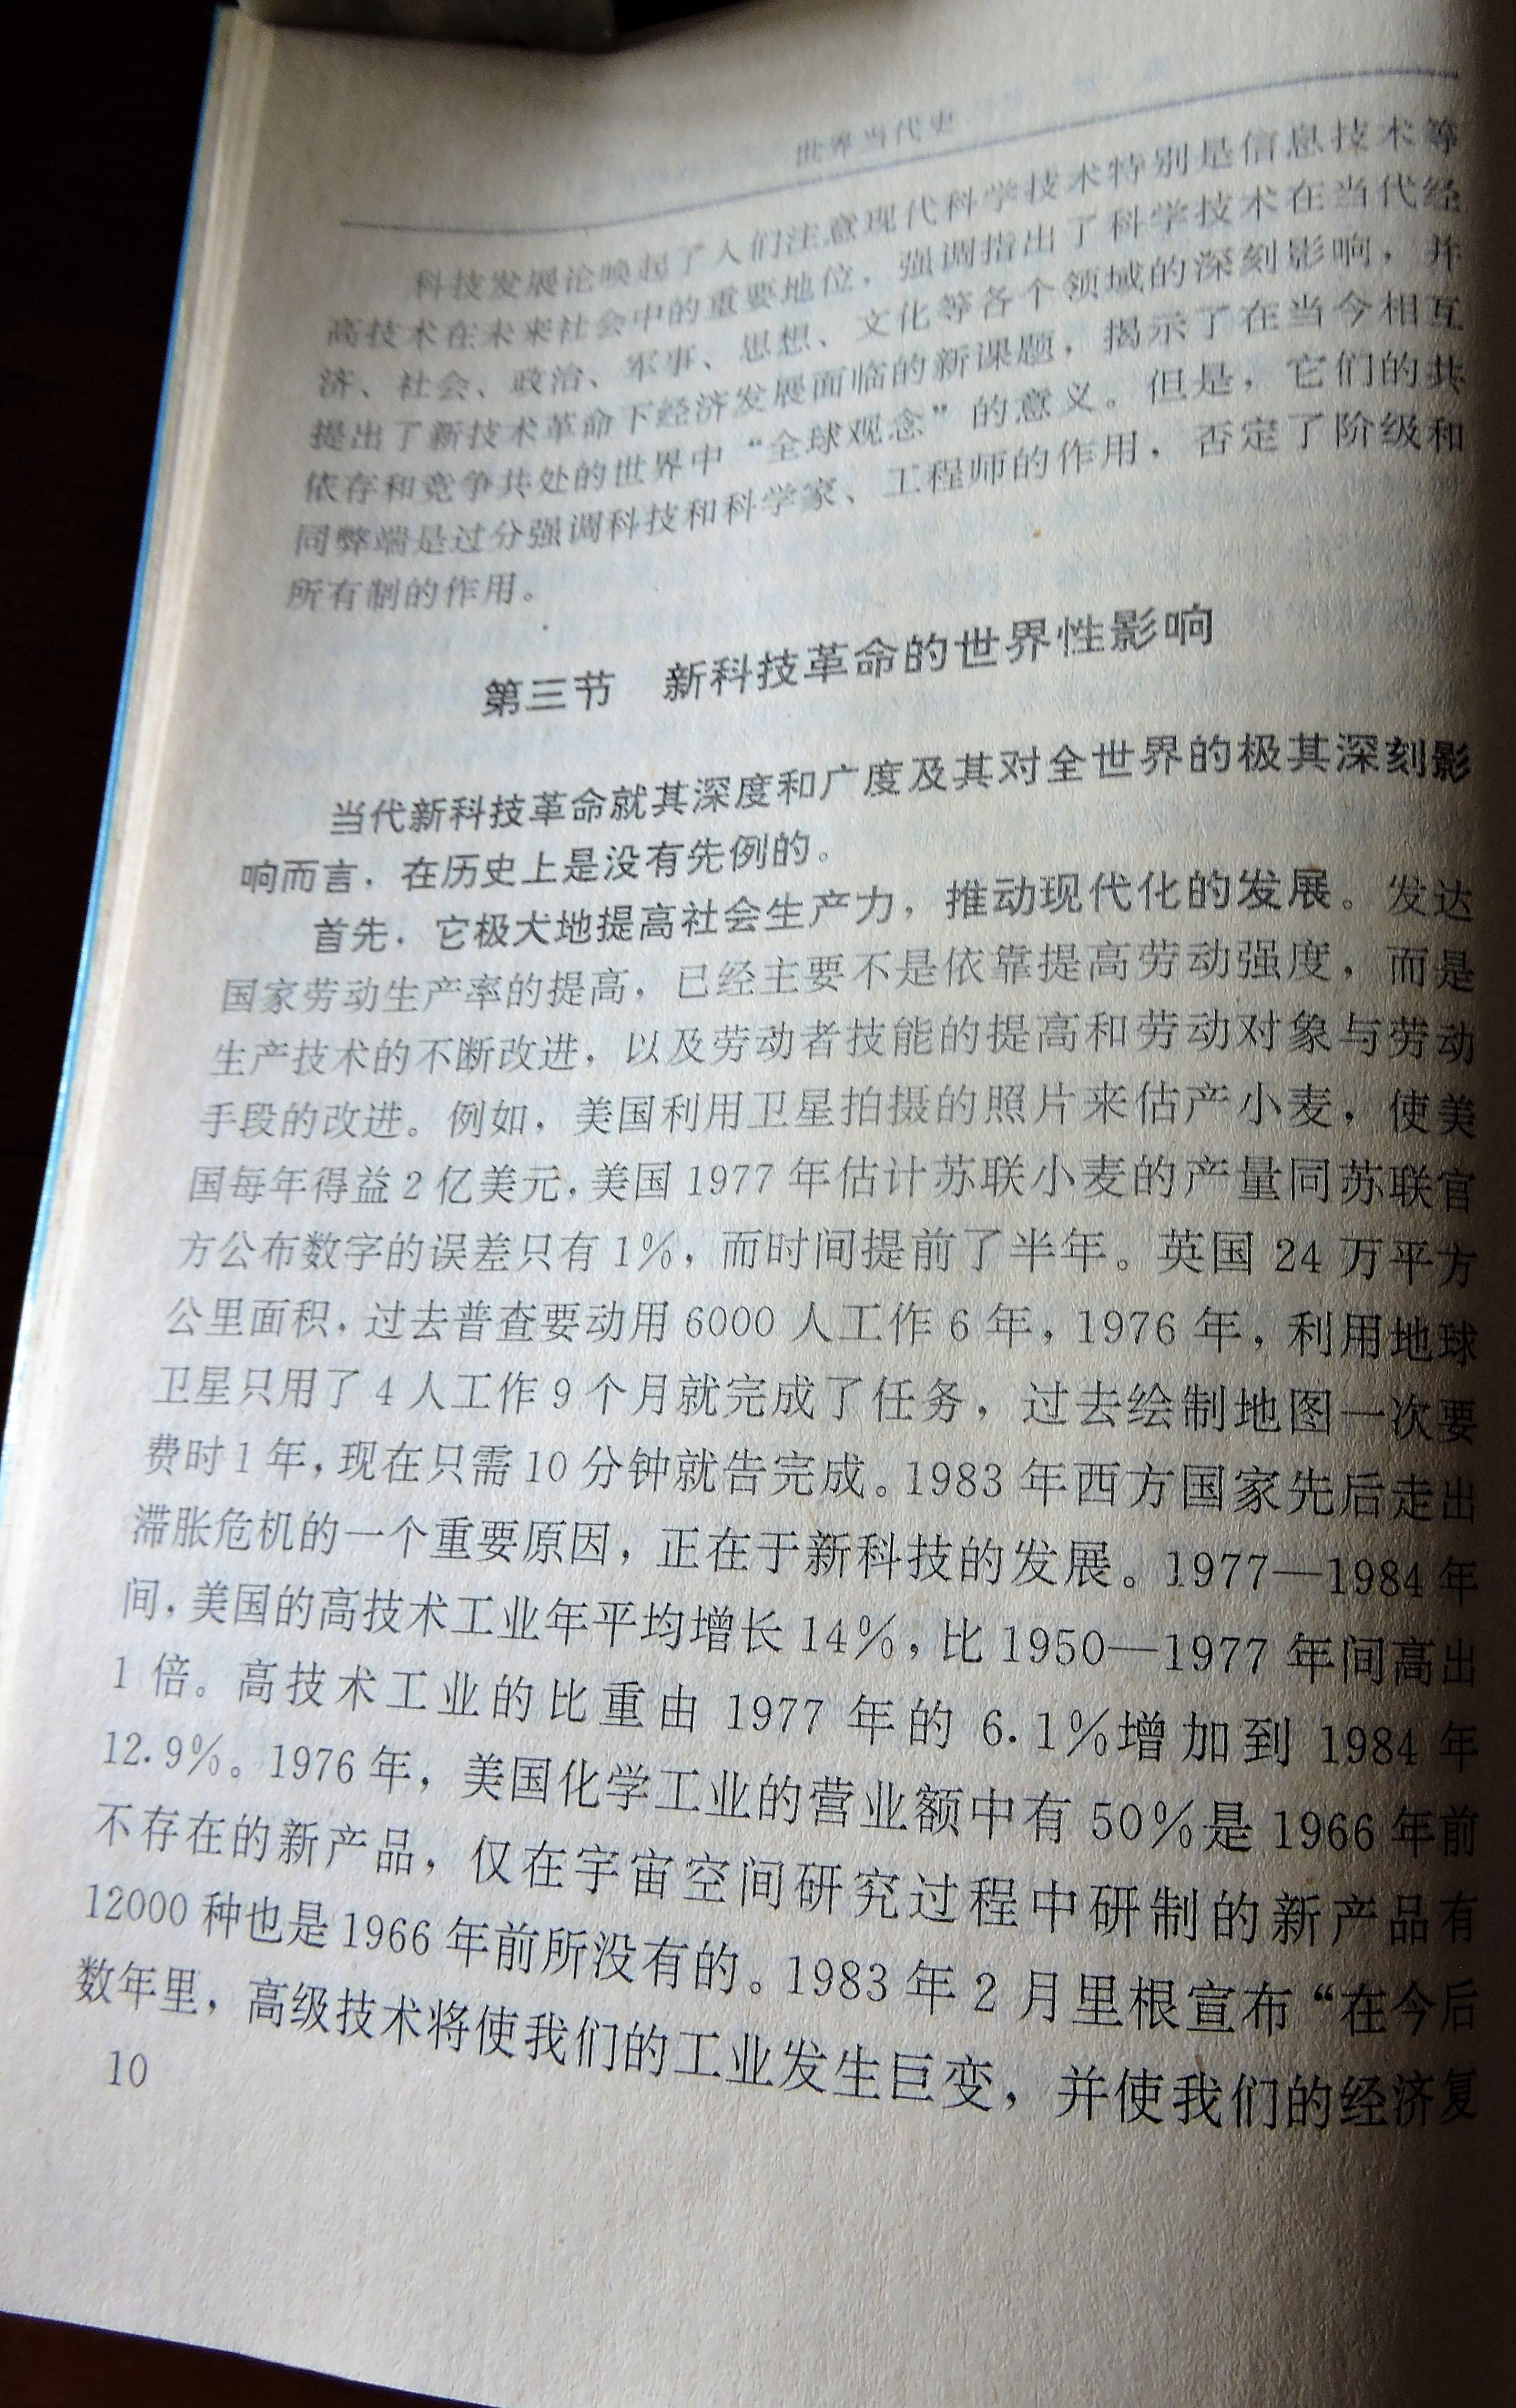 10 DSCN7953.jpg